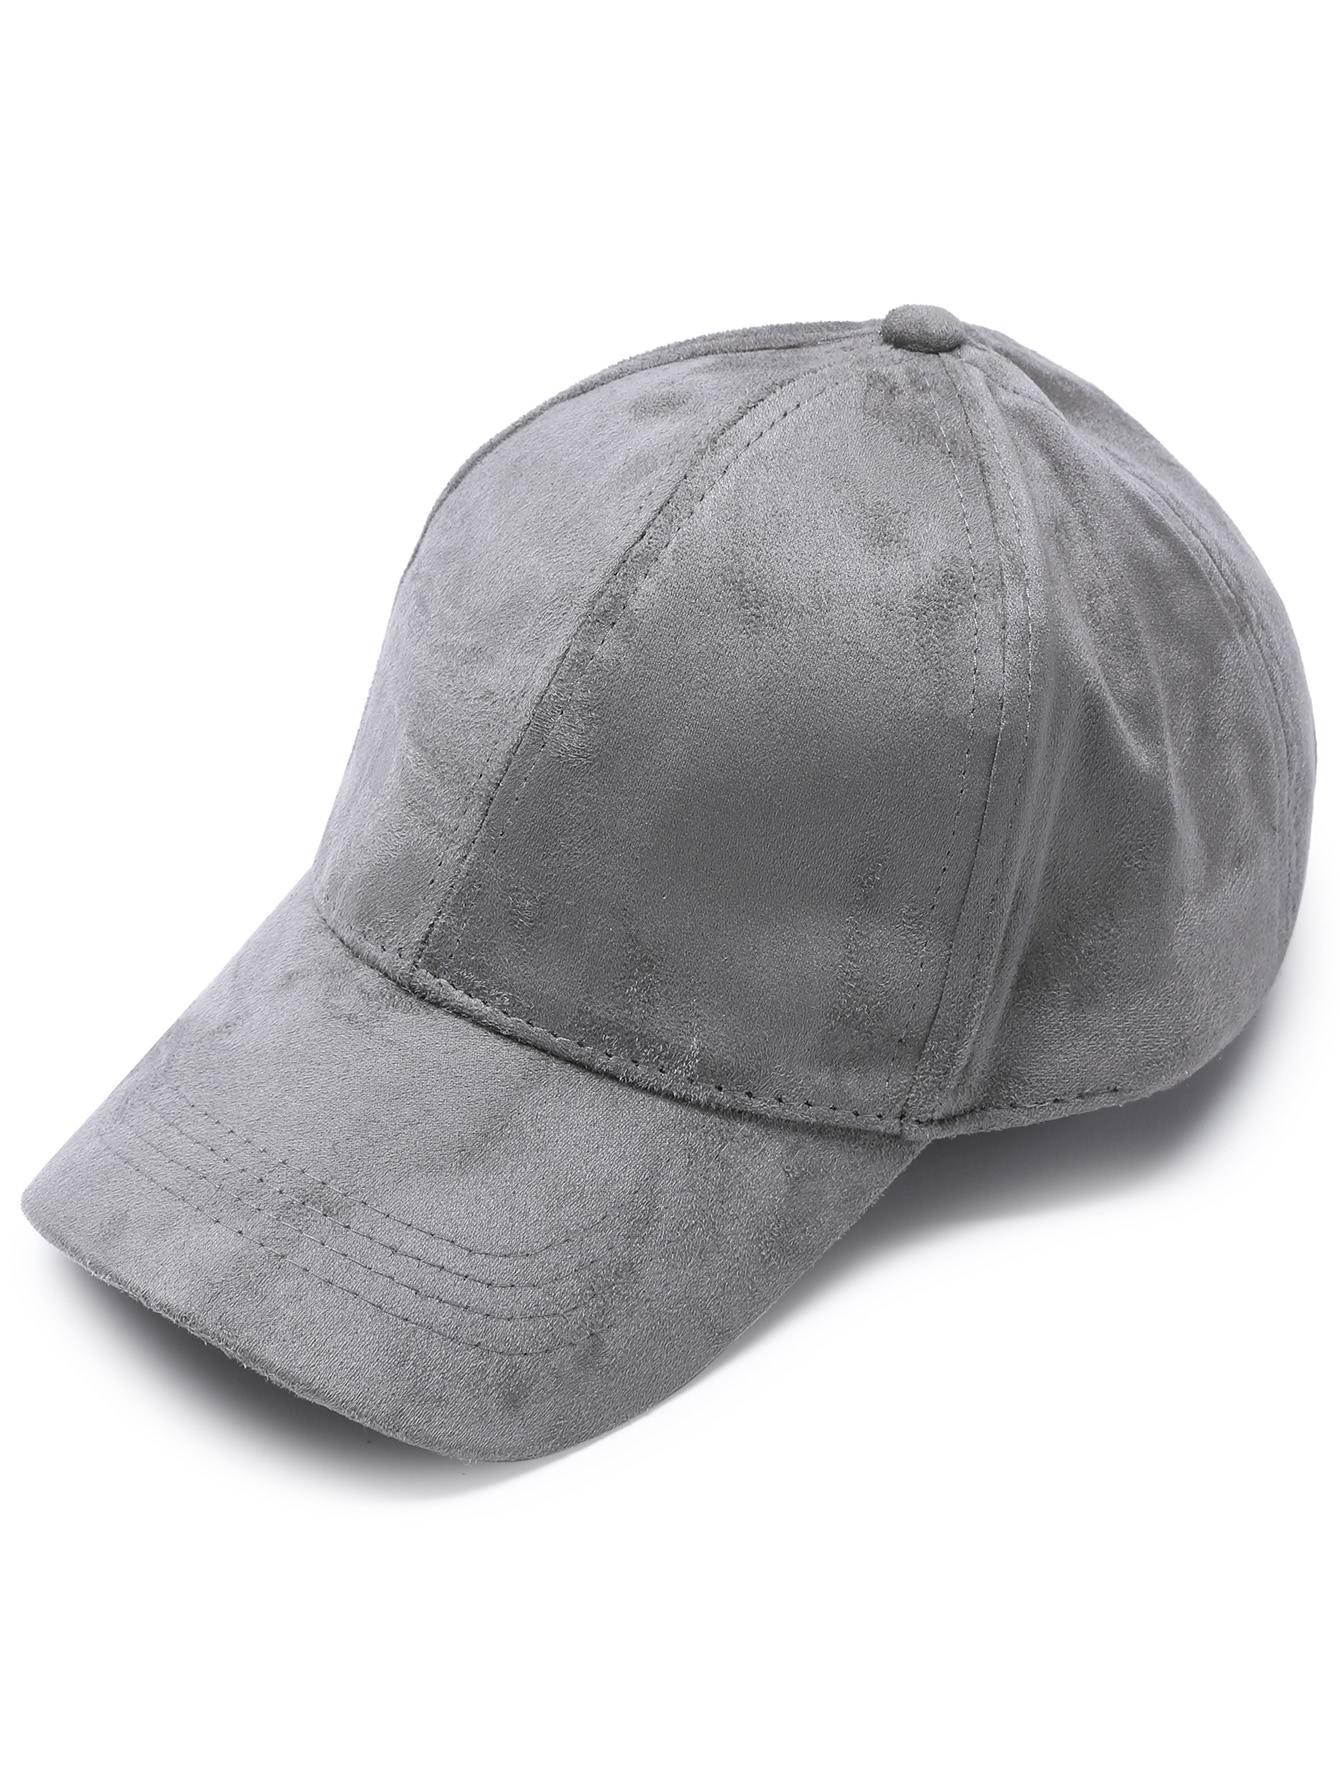 hat161116303_2